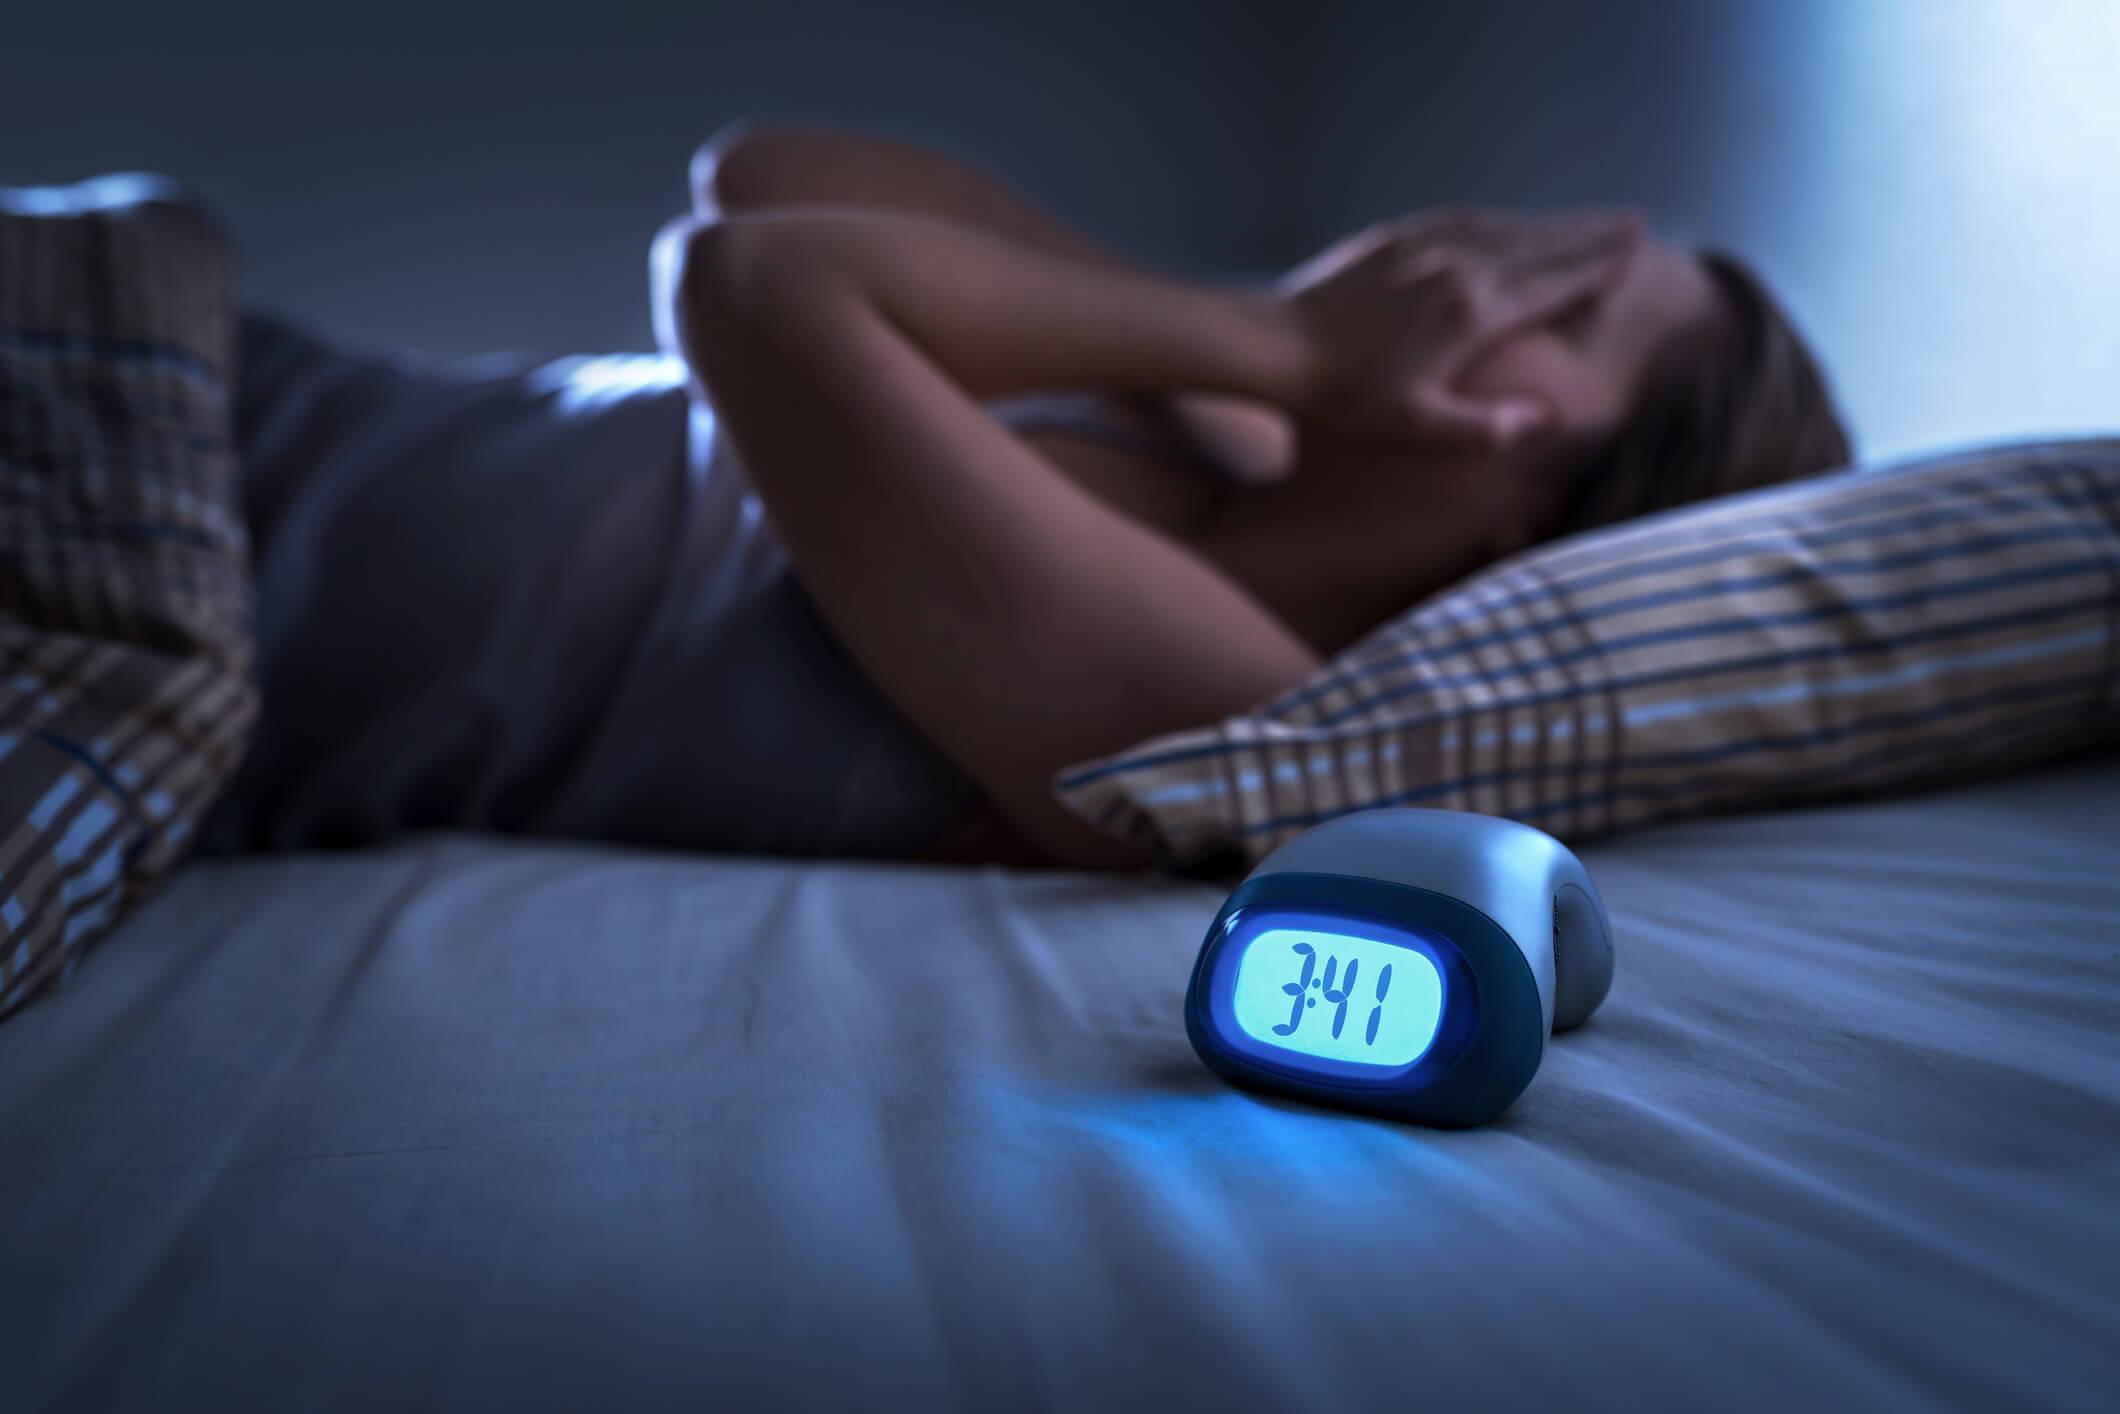 درمان بی خوابی درمان بی خوابی راه های درمان بی خوابی woman clock insomnia